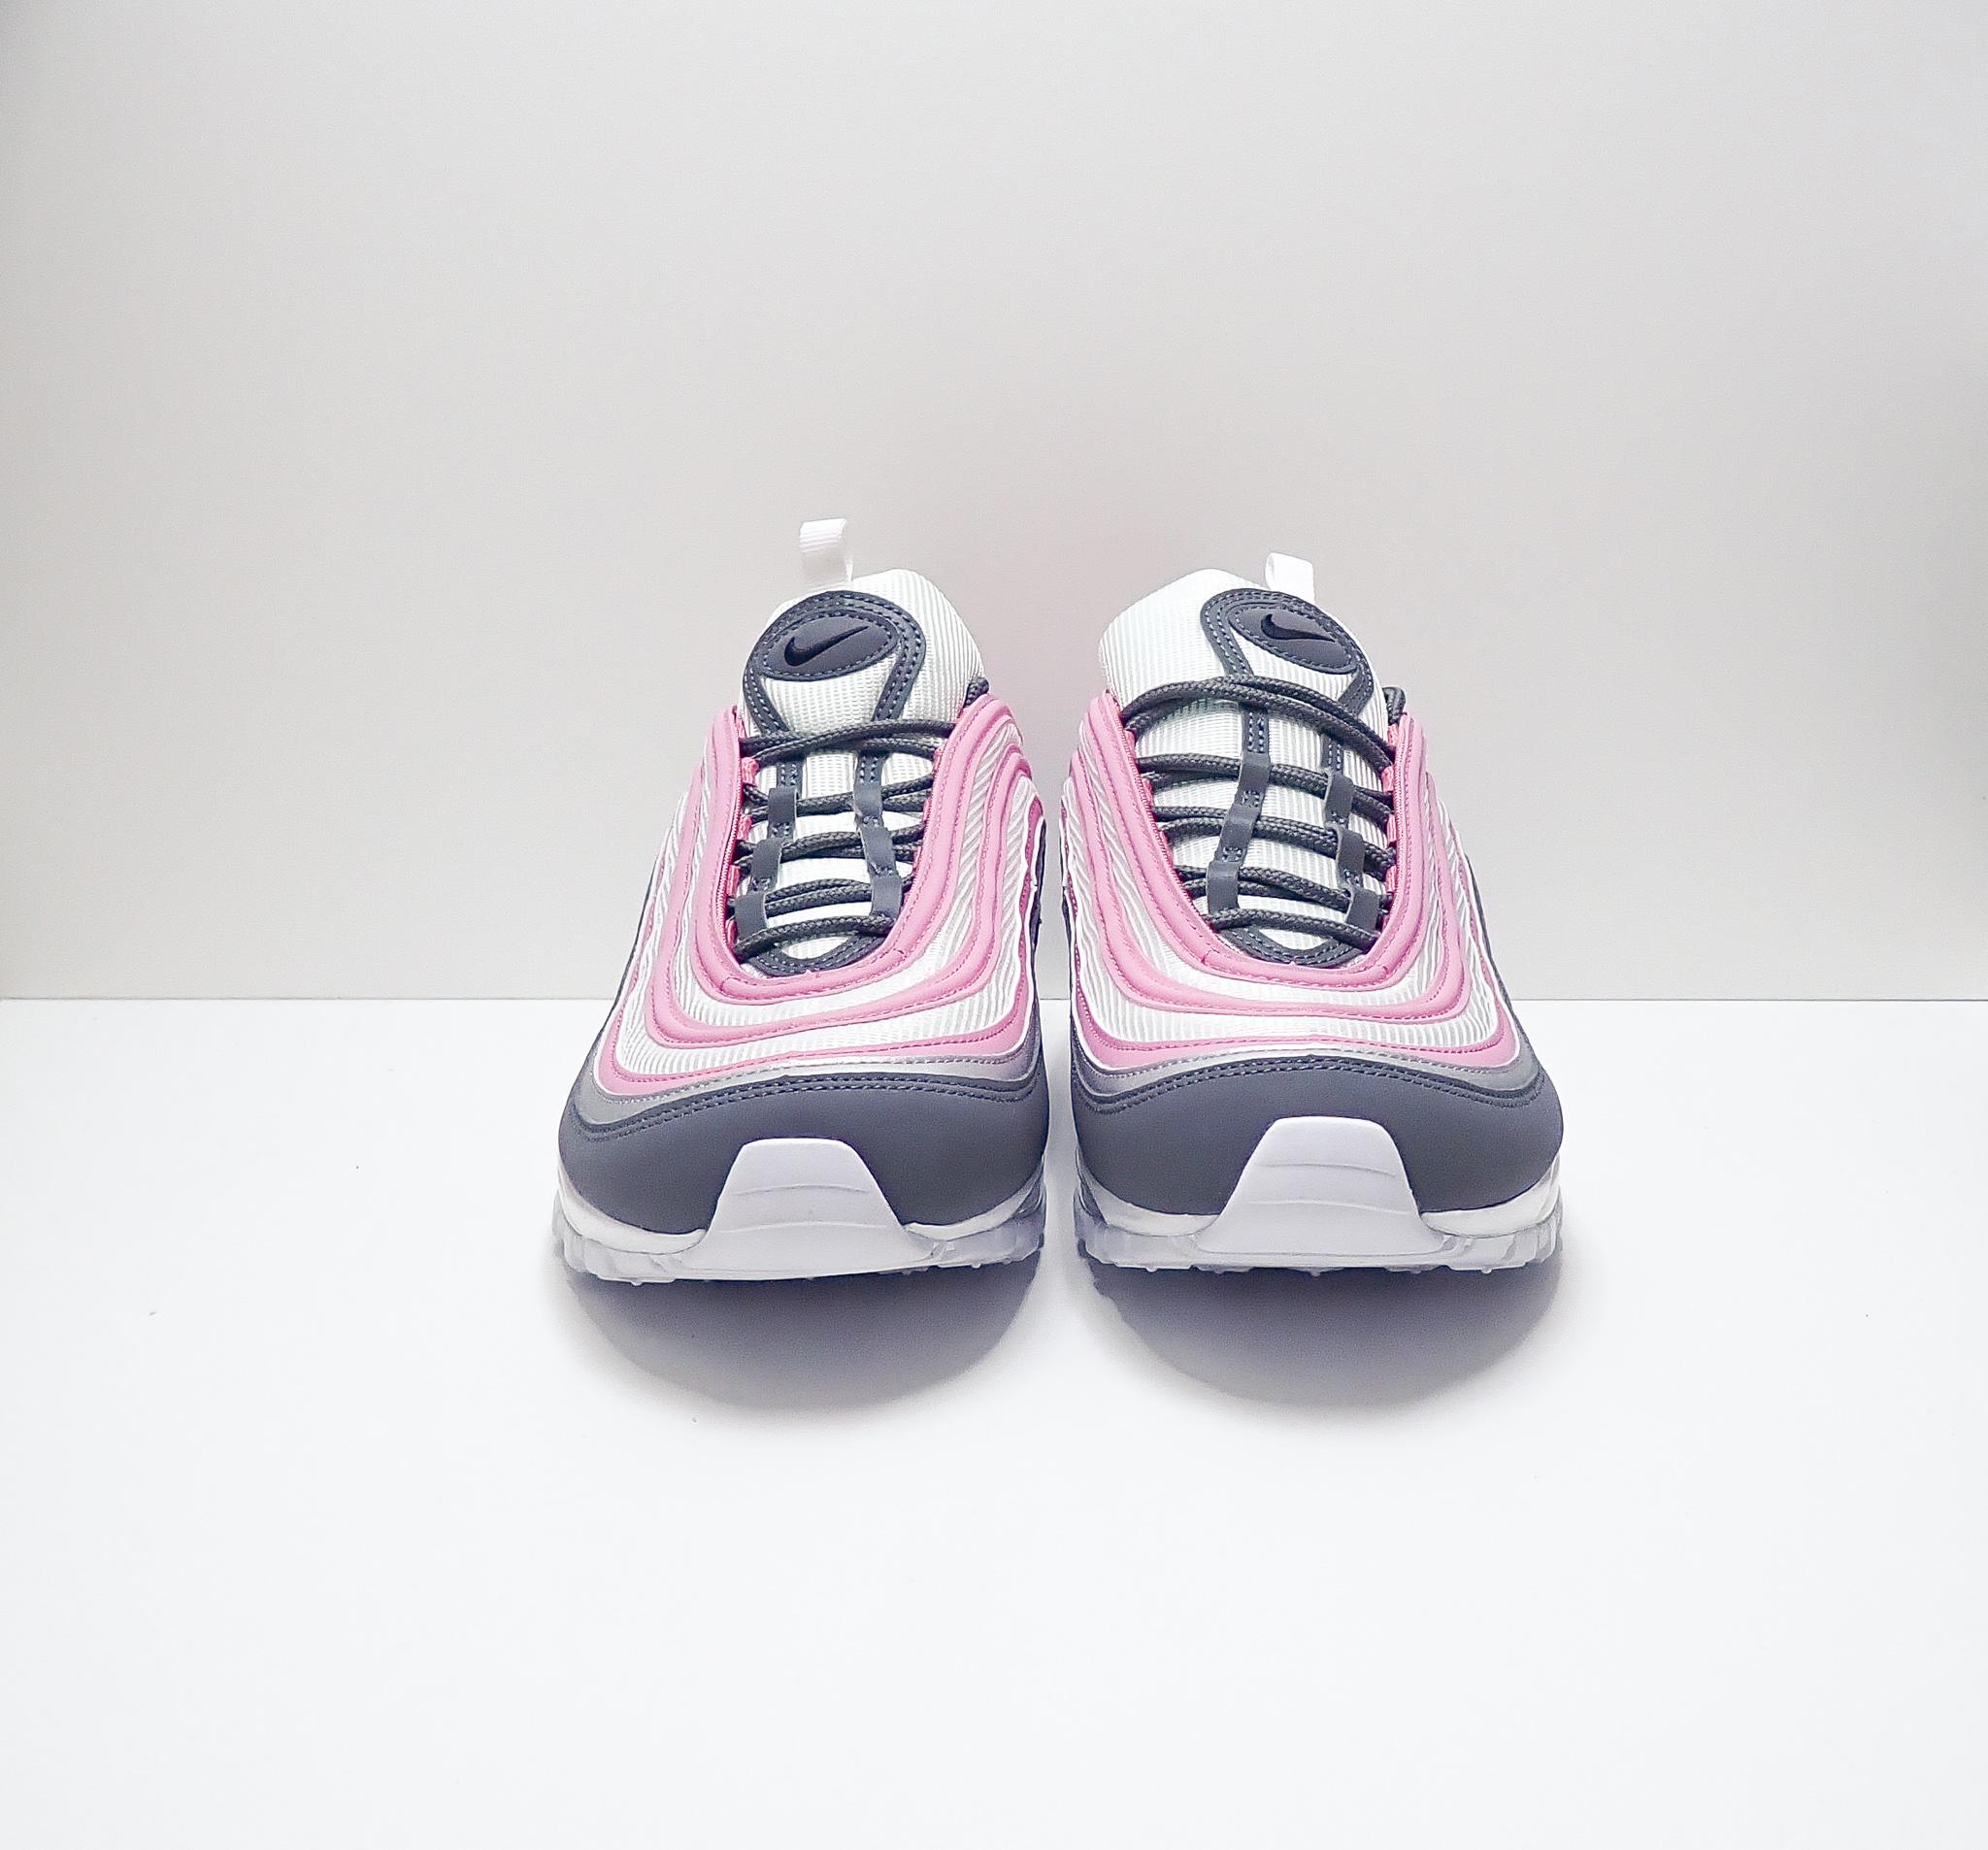 Nike Air max 97 ID